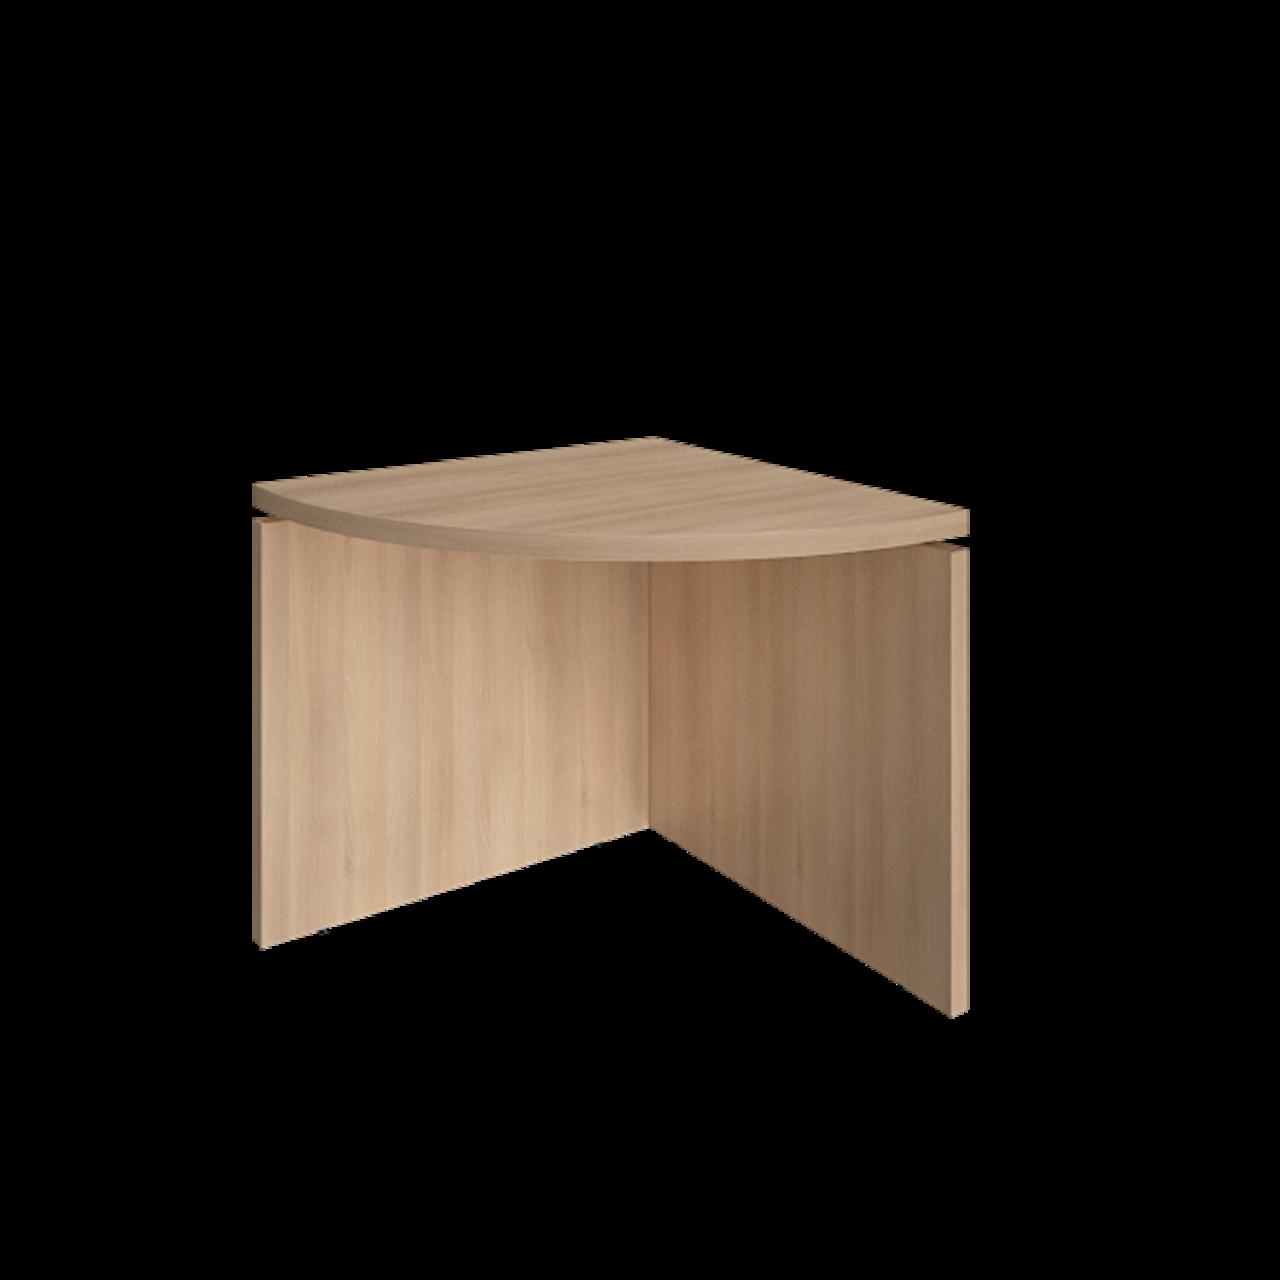 Элемент наборного переговорного стола левый - фото 1